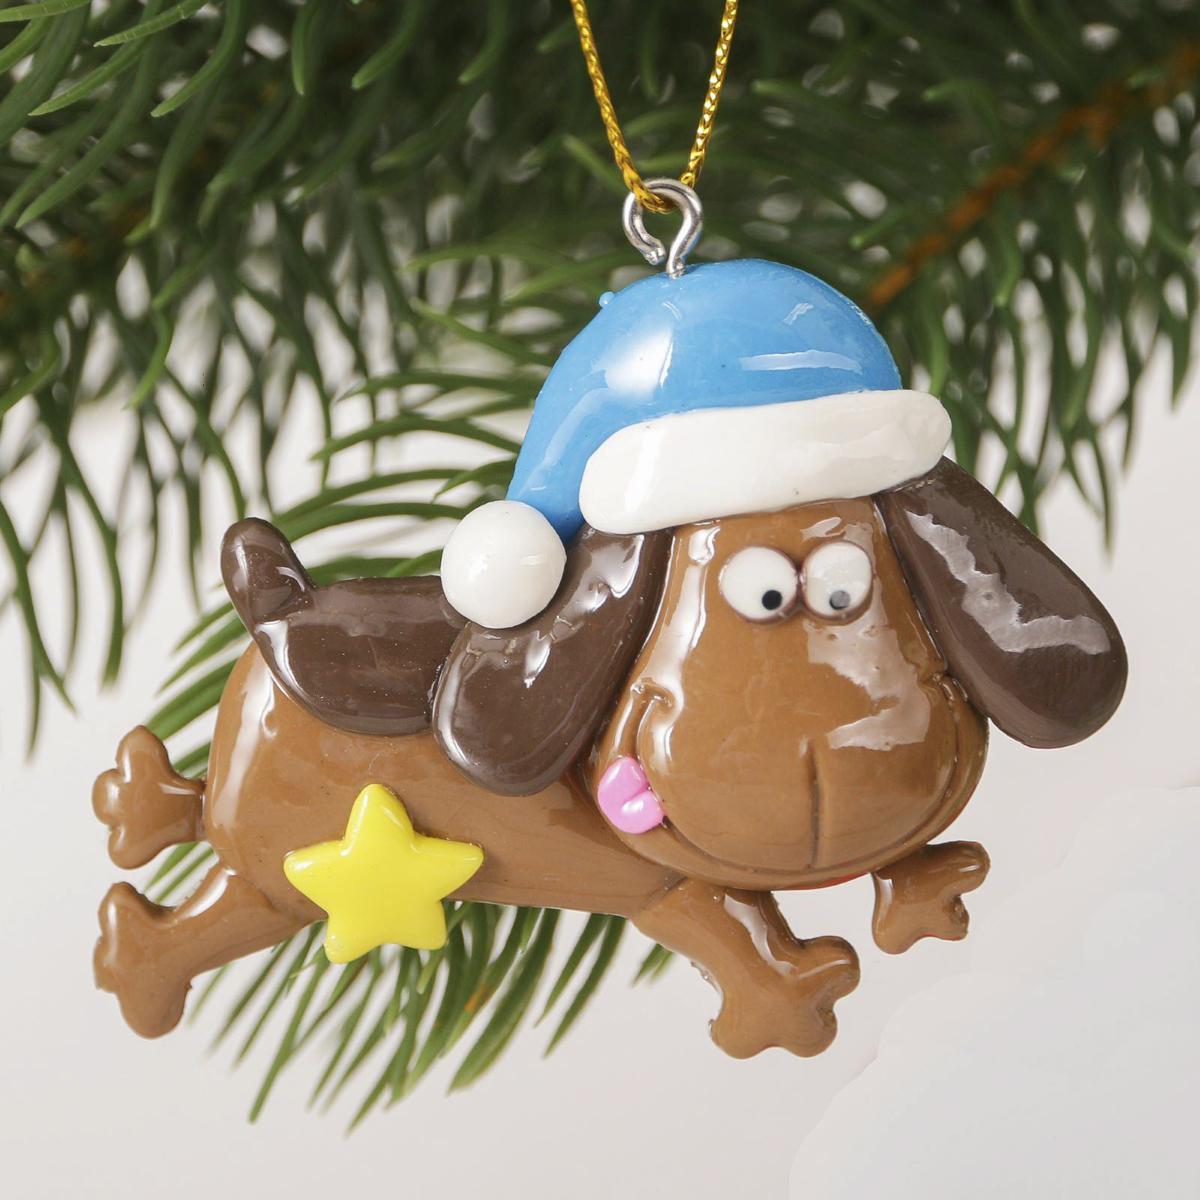 Украшение новогоднее подвесное Загадай желание, 6,5 х 6 см2323279Новогоднее украшение, выполненное из полирезина, отлично подойдет для декорации вашего дома и новогодней ели. С помощью специальнойпетельки украшение можно повесить в любом понравившемся вам месте. Но, конечно, удачнее всего оно будет смотреться на праздничной елке. Елочная игрушка - символ Нового года. Она несет в себе волшебство и красоту праздника. Такое украшение создаст в вашем домеатмосферу праздника, веселья и радости.